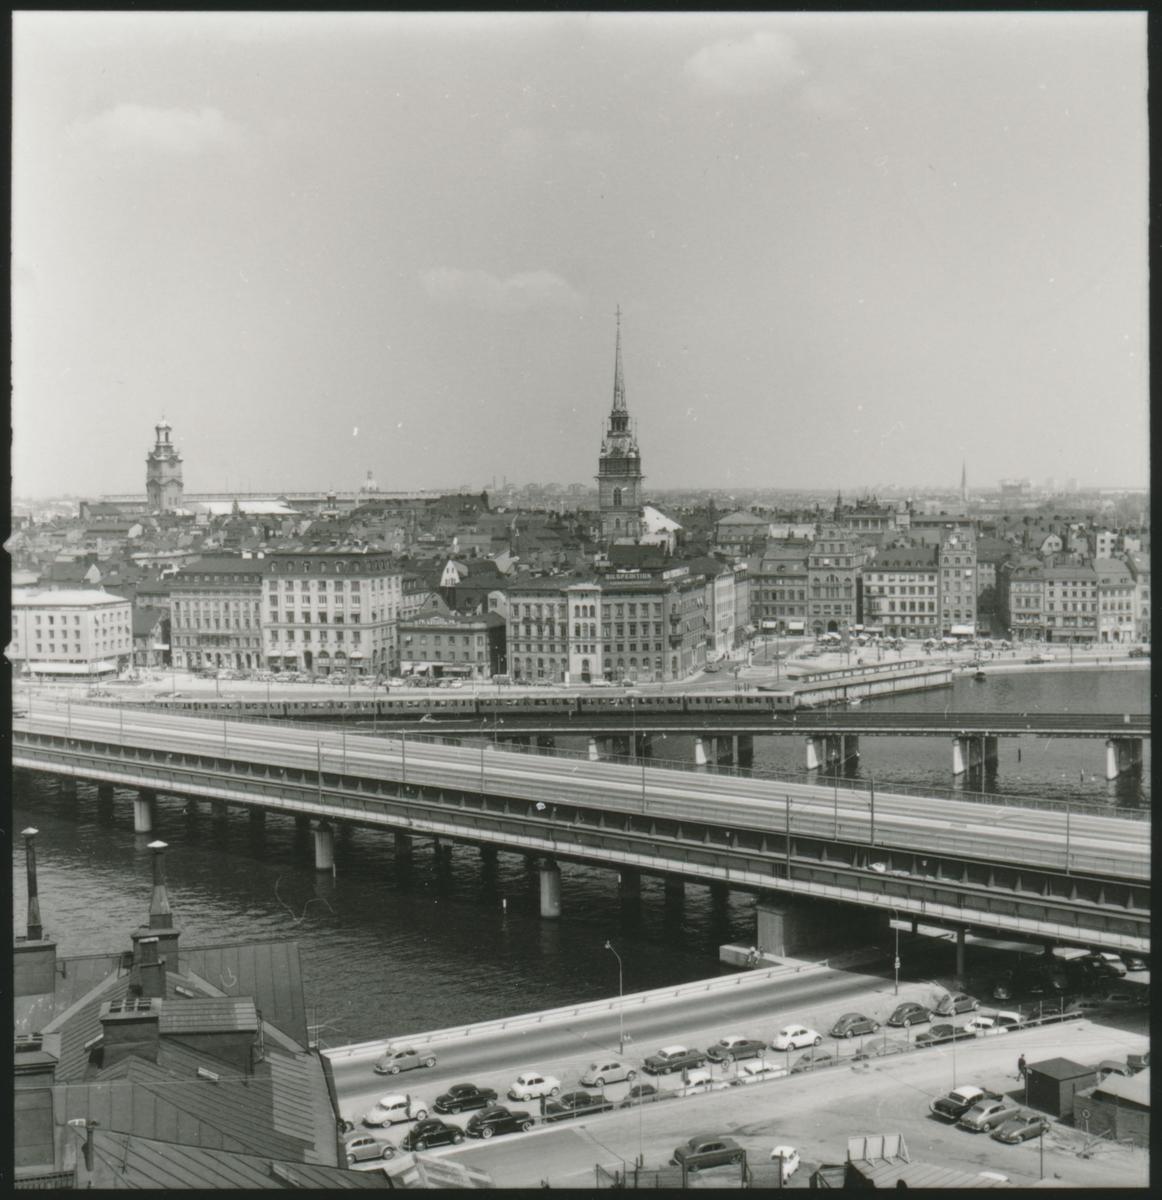 Vy över Södra delen av Riddarfjärden med Södra Mälarstrand och Södra Järnvägsbron, på sträckan Mälarstrand och Riddarholmen. Storkyrka och tyska kyrkans torn i bild. Foto taget från Basrtugatan/Pryssgränd.